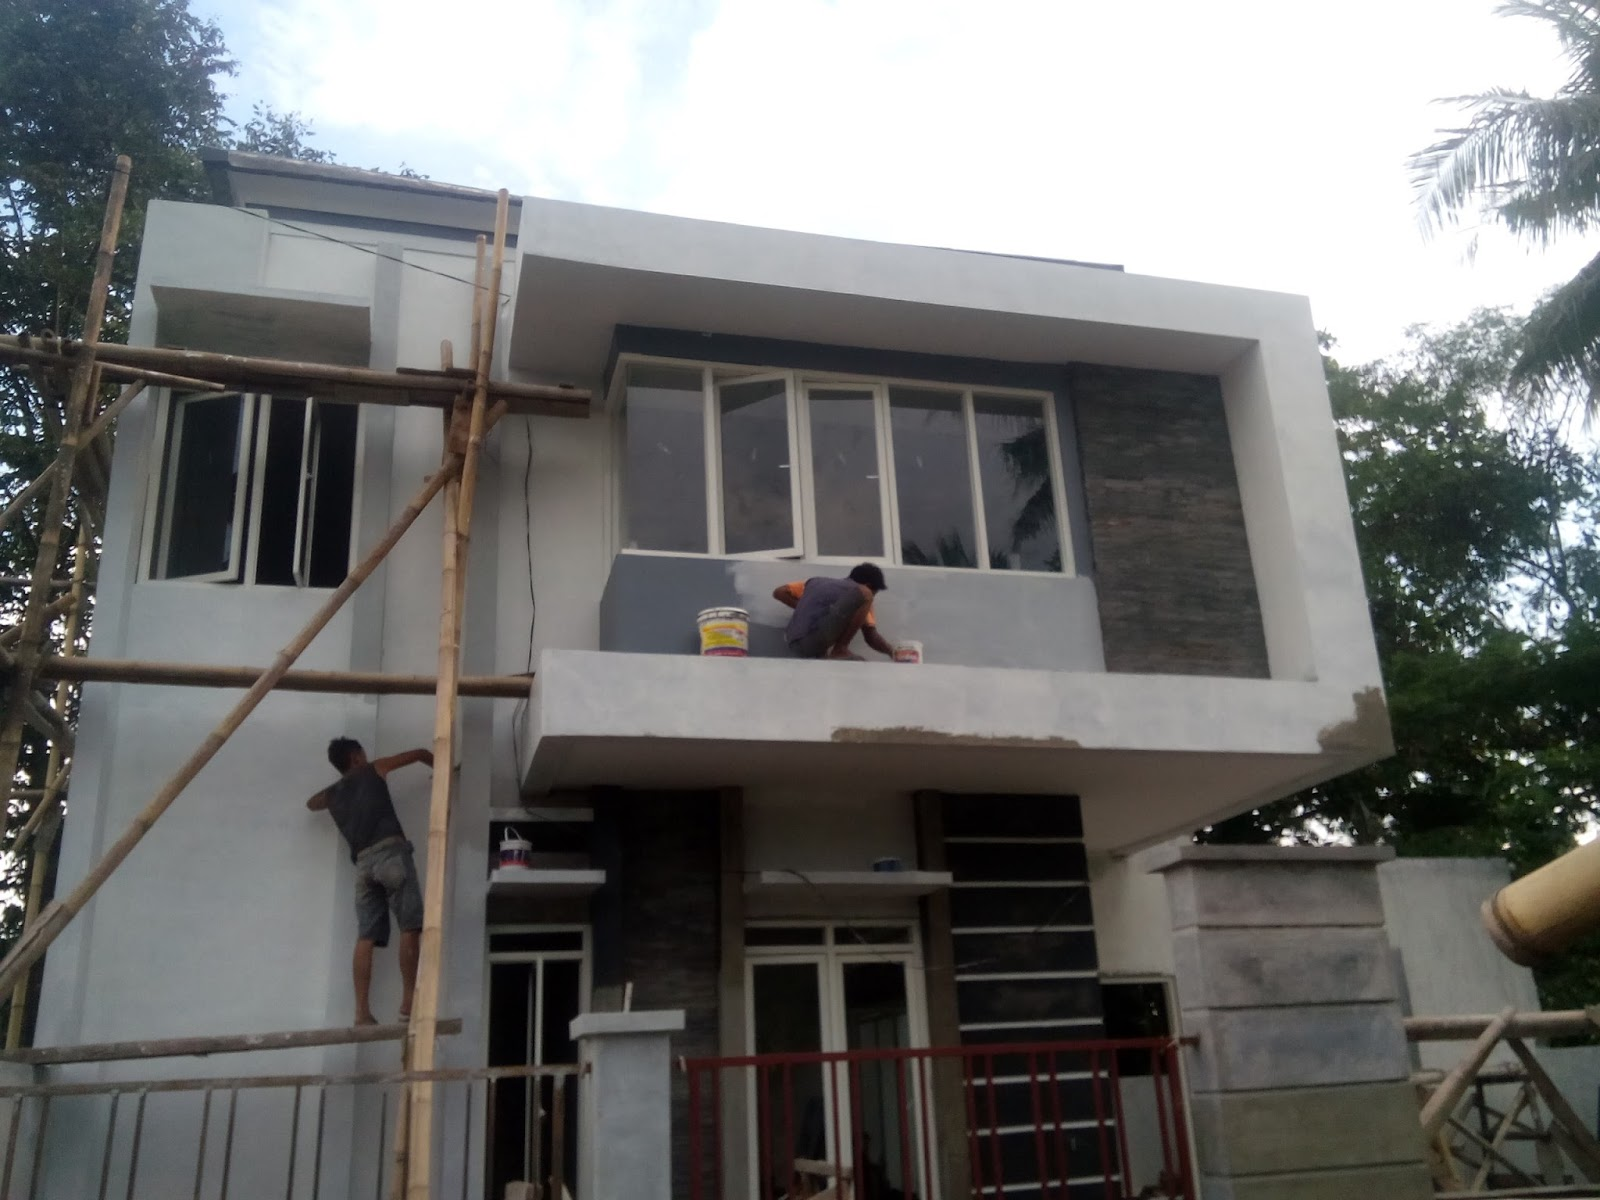 91 Gambar Rumah Minimalis Modern Bertingkat Terbaru